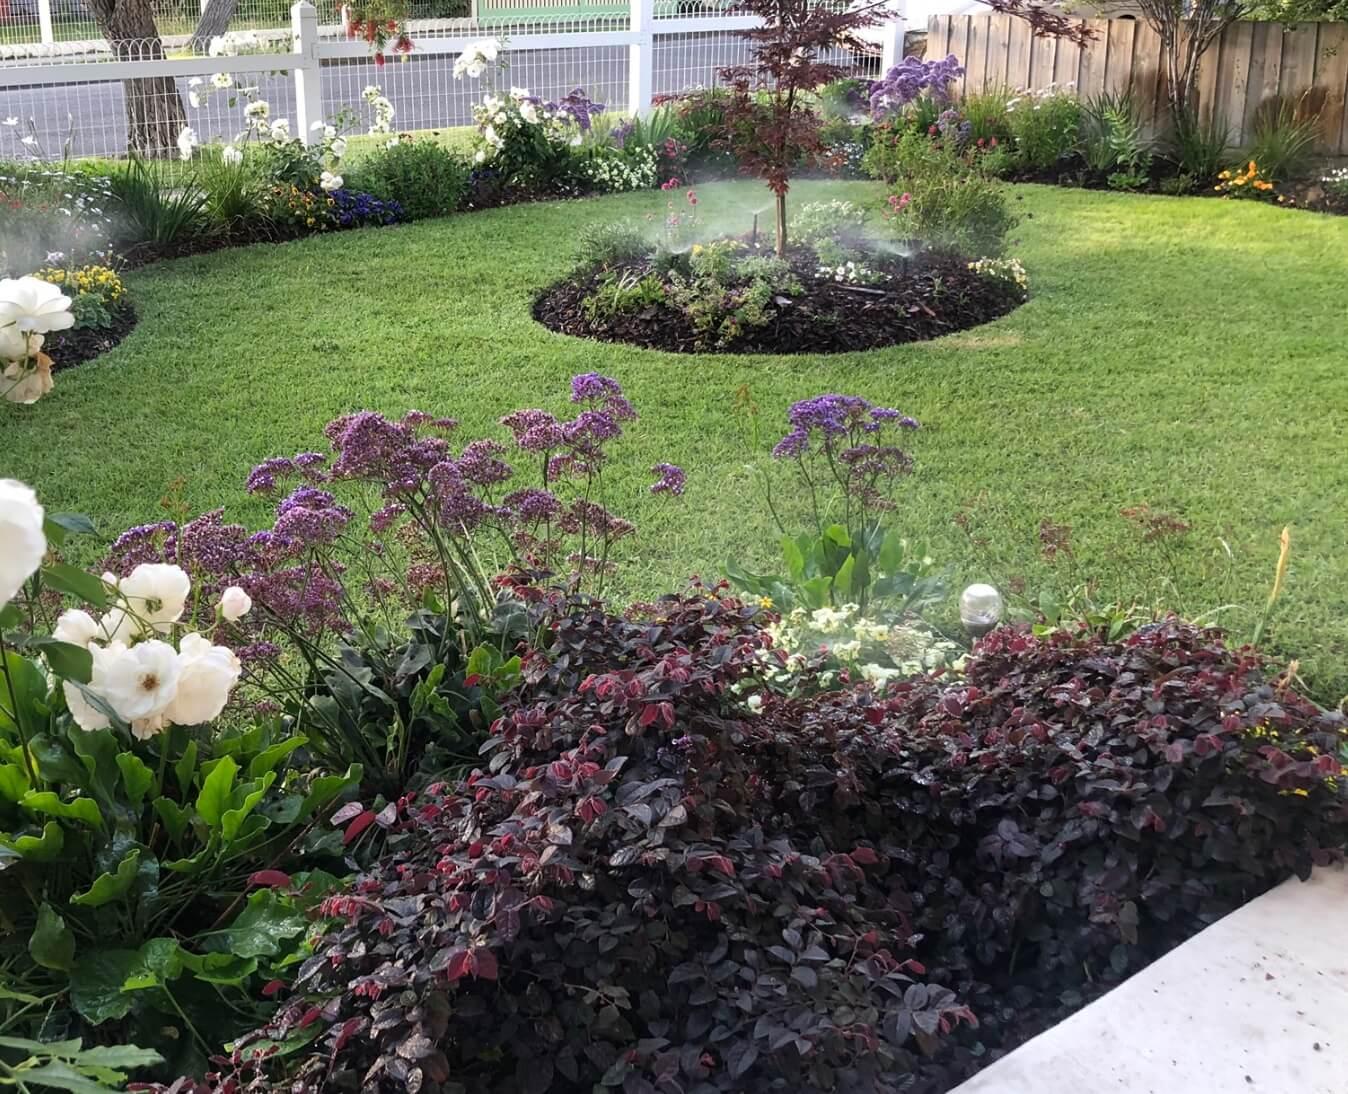 Gardengigs Garden Landscape Latest Work - Outdoor Garden with Center Tree